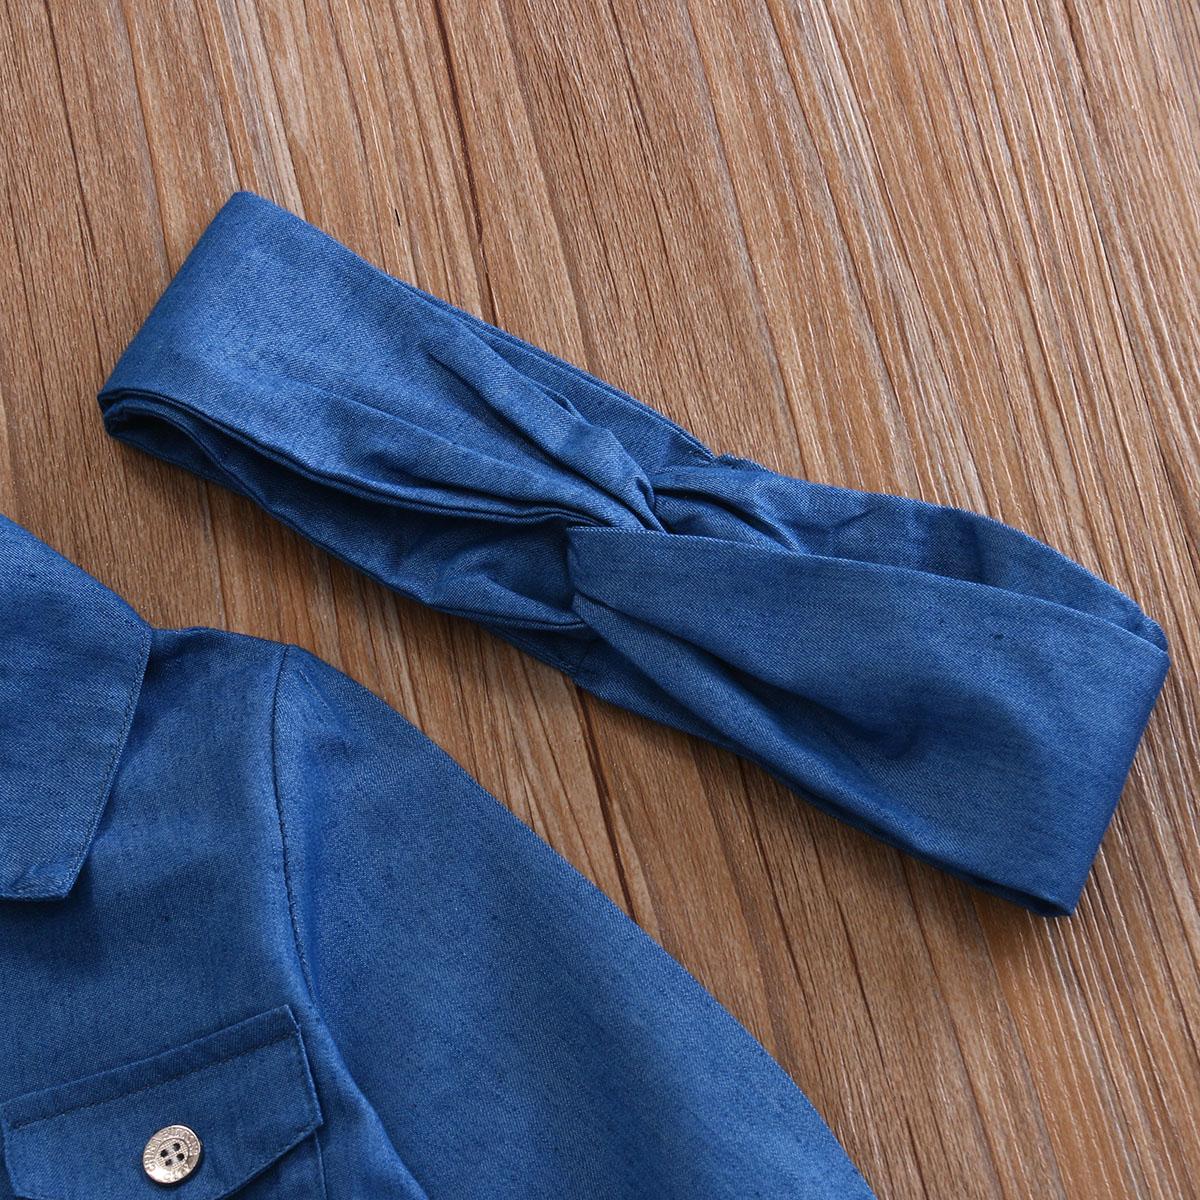 0-5a enfant nouveau enfants bébé filles infantile à manches longues denim tops shirt + tutu jupes dress + bandeau 3 pcs jeans tenues vêtements set 11